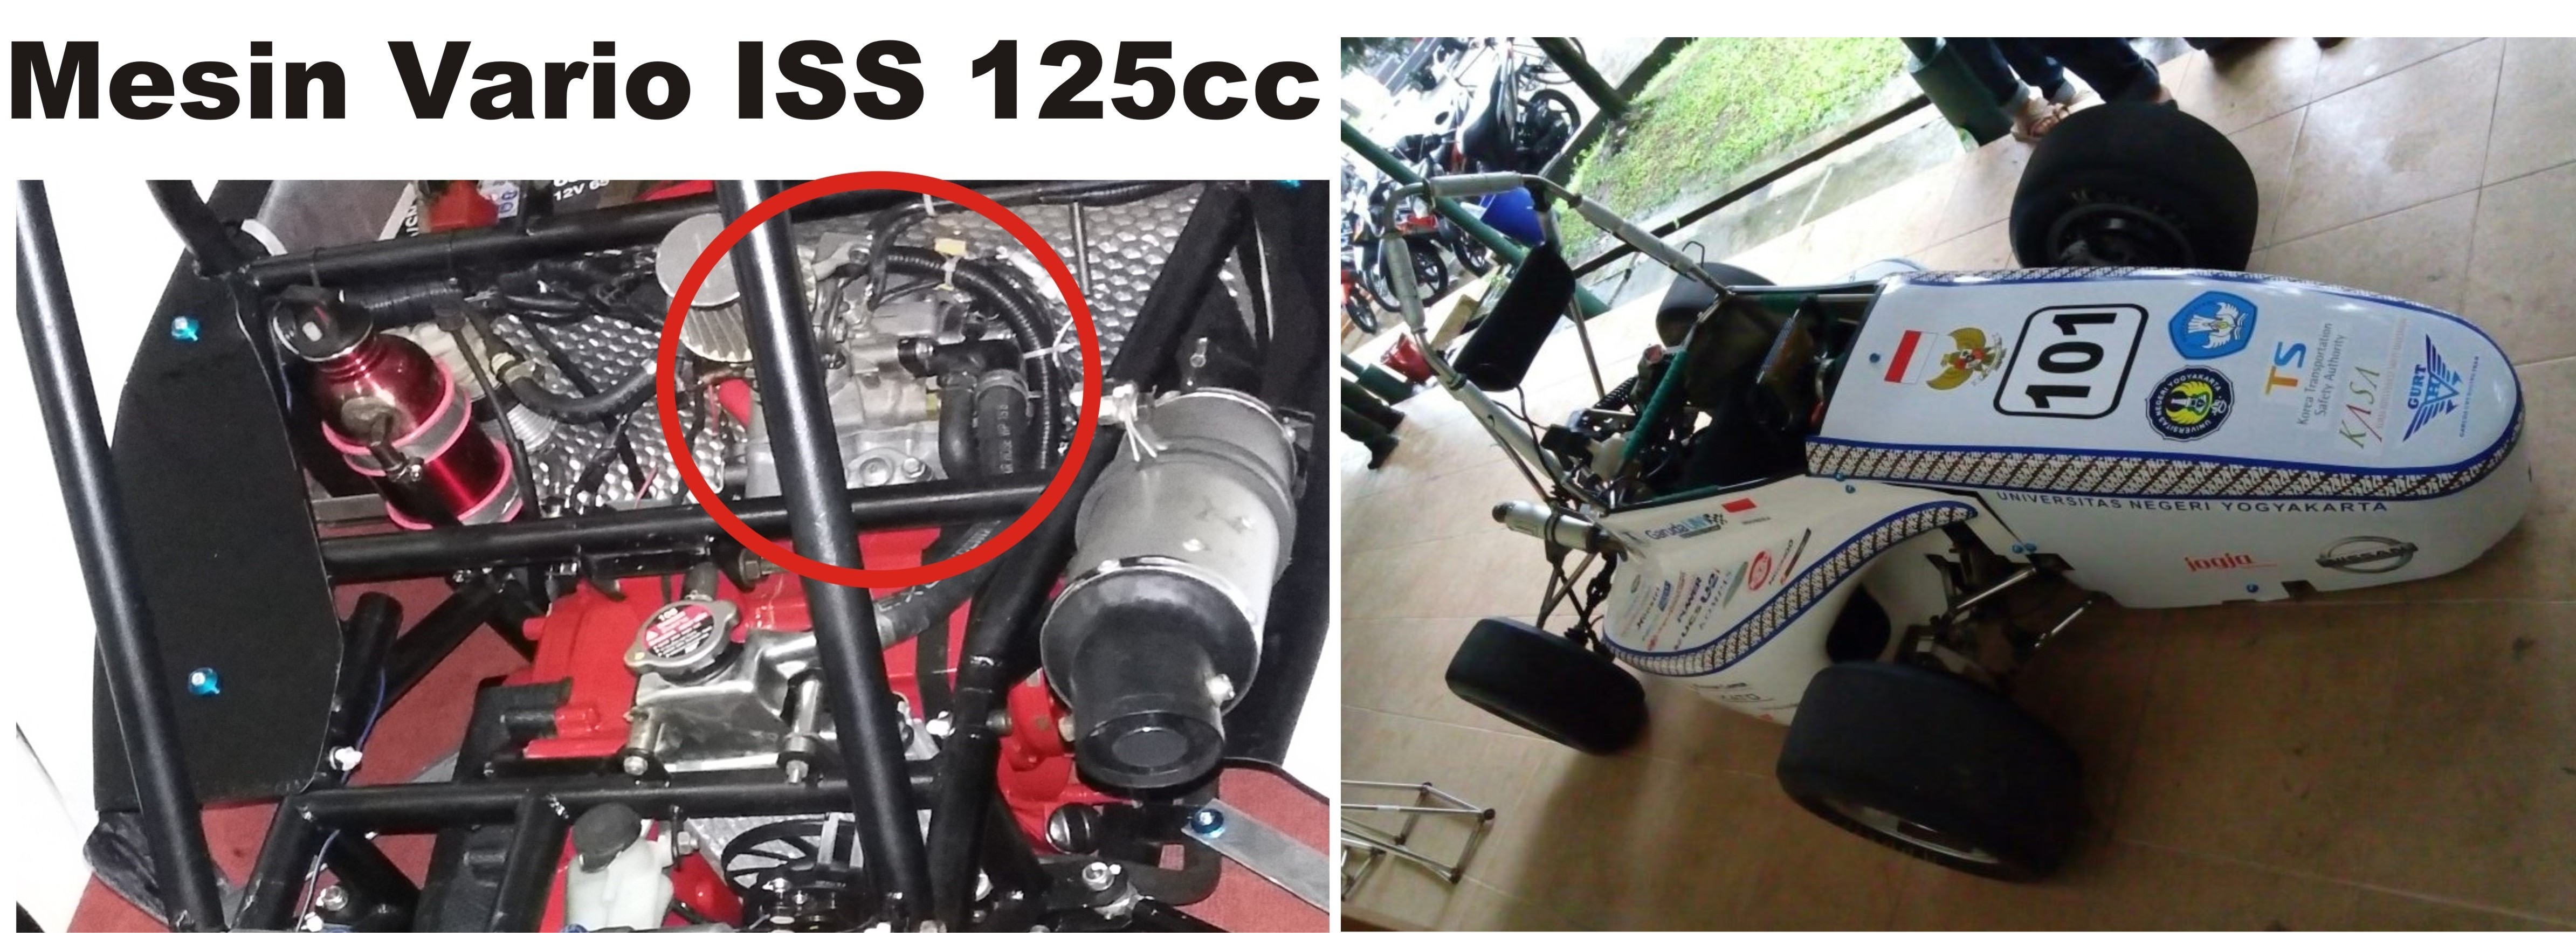 mesin-vario-hybrid-5720a7710d977319099f6cb1.jpg